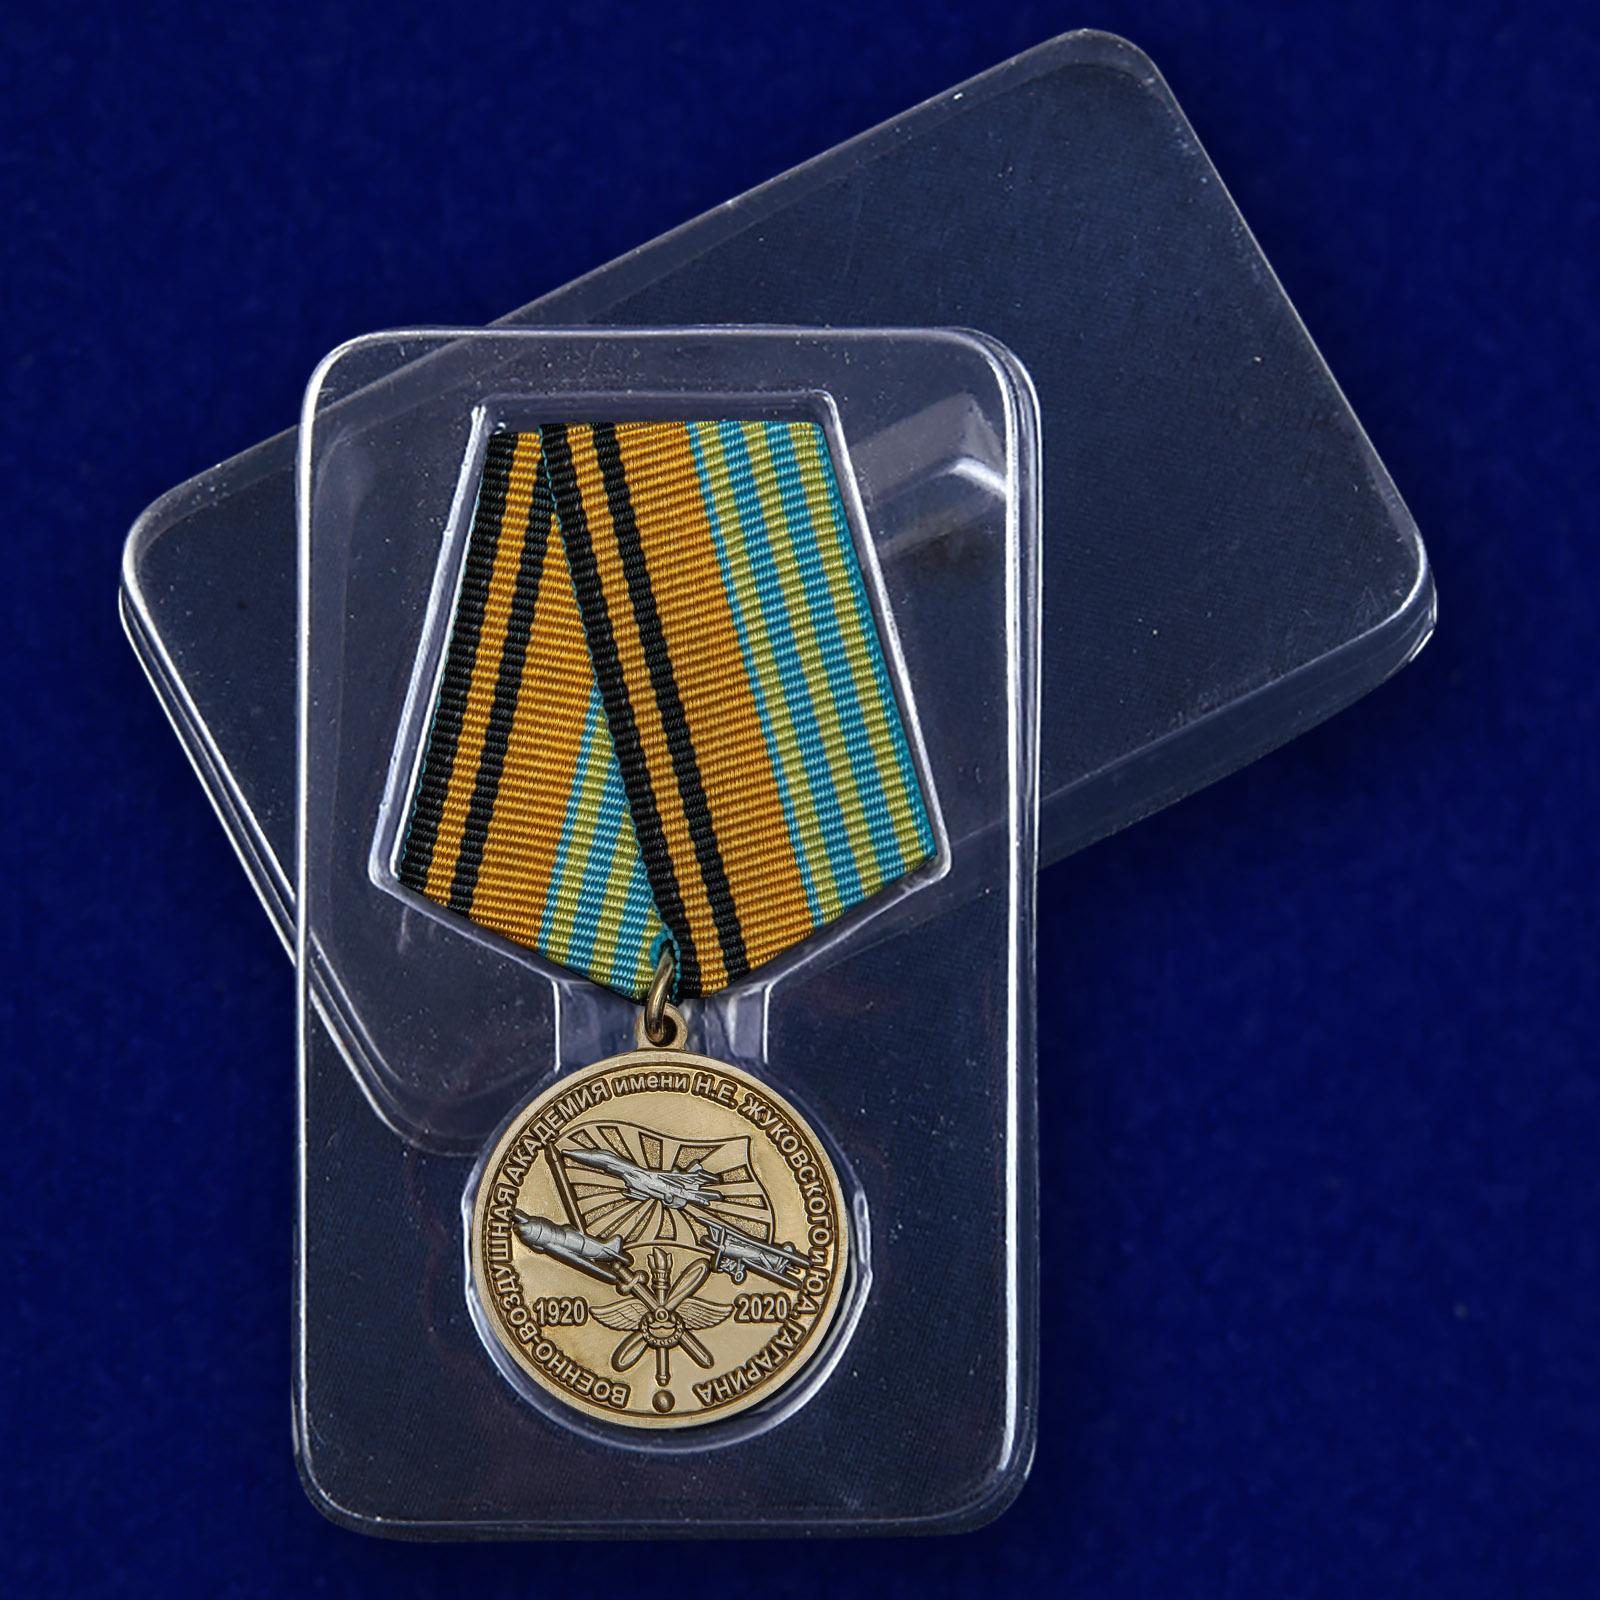 """Медаль """"100 лет Военно-воздушной академии им. Н.Е. Жуковского и Ю.А. Гагарина"""" с доставкой"""